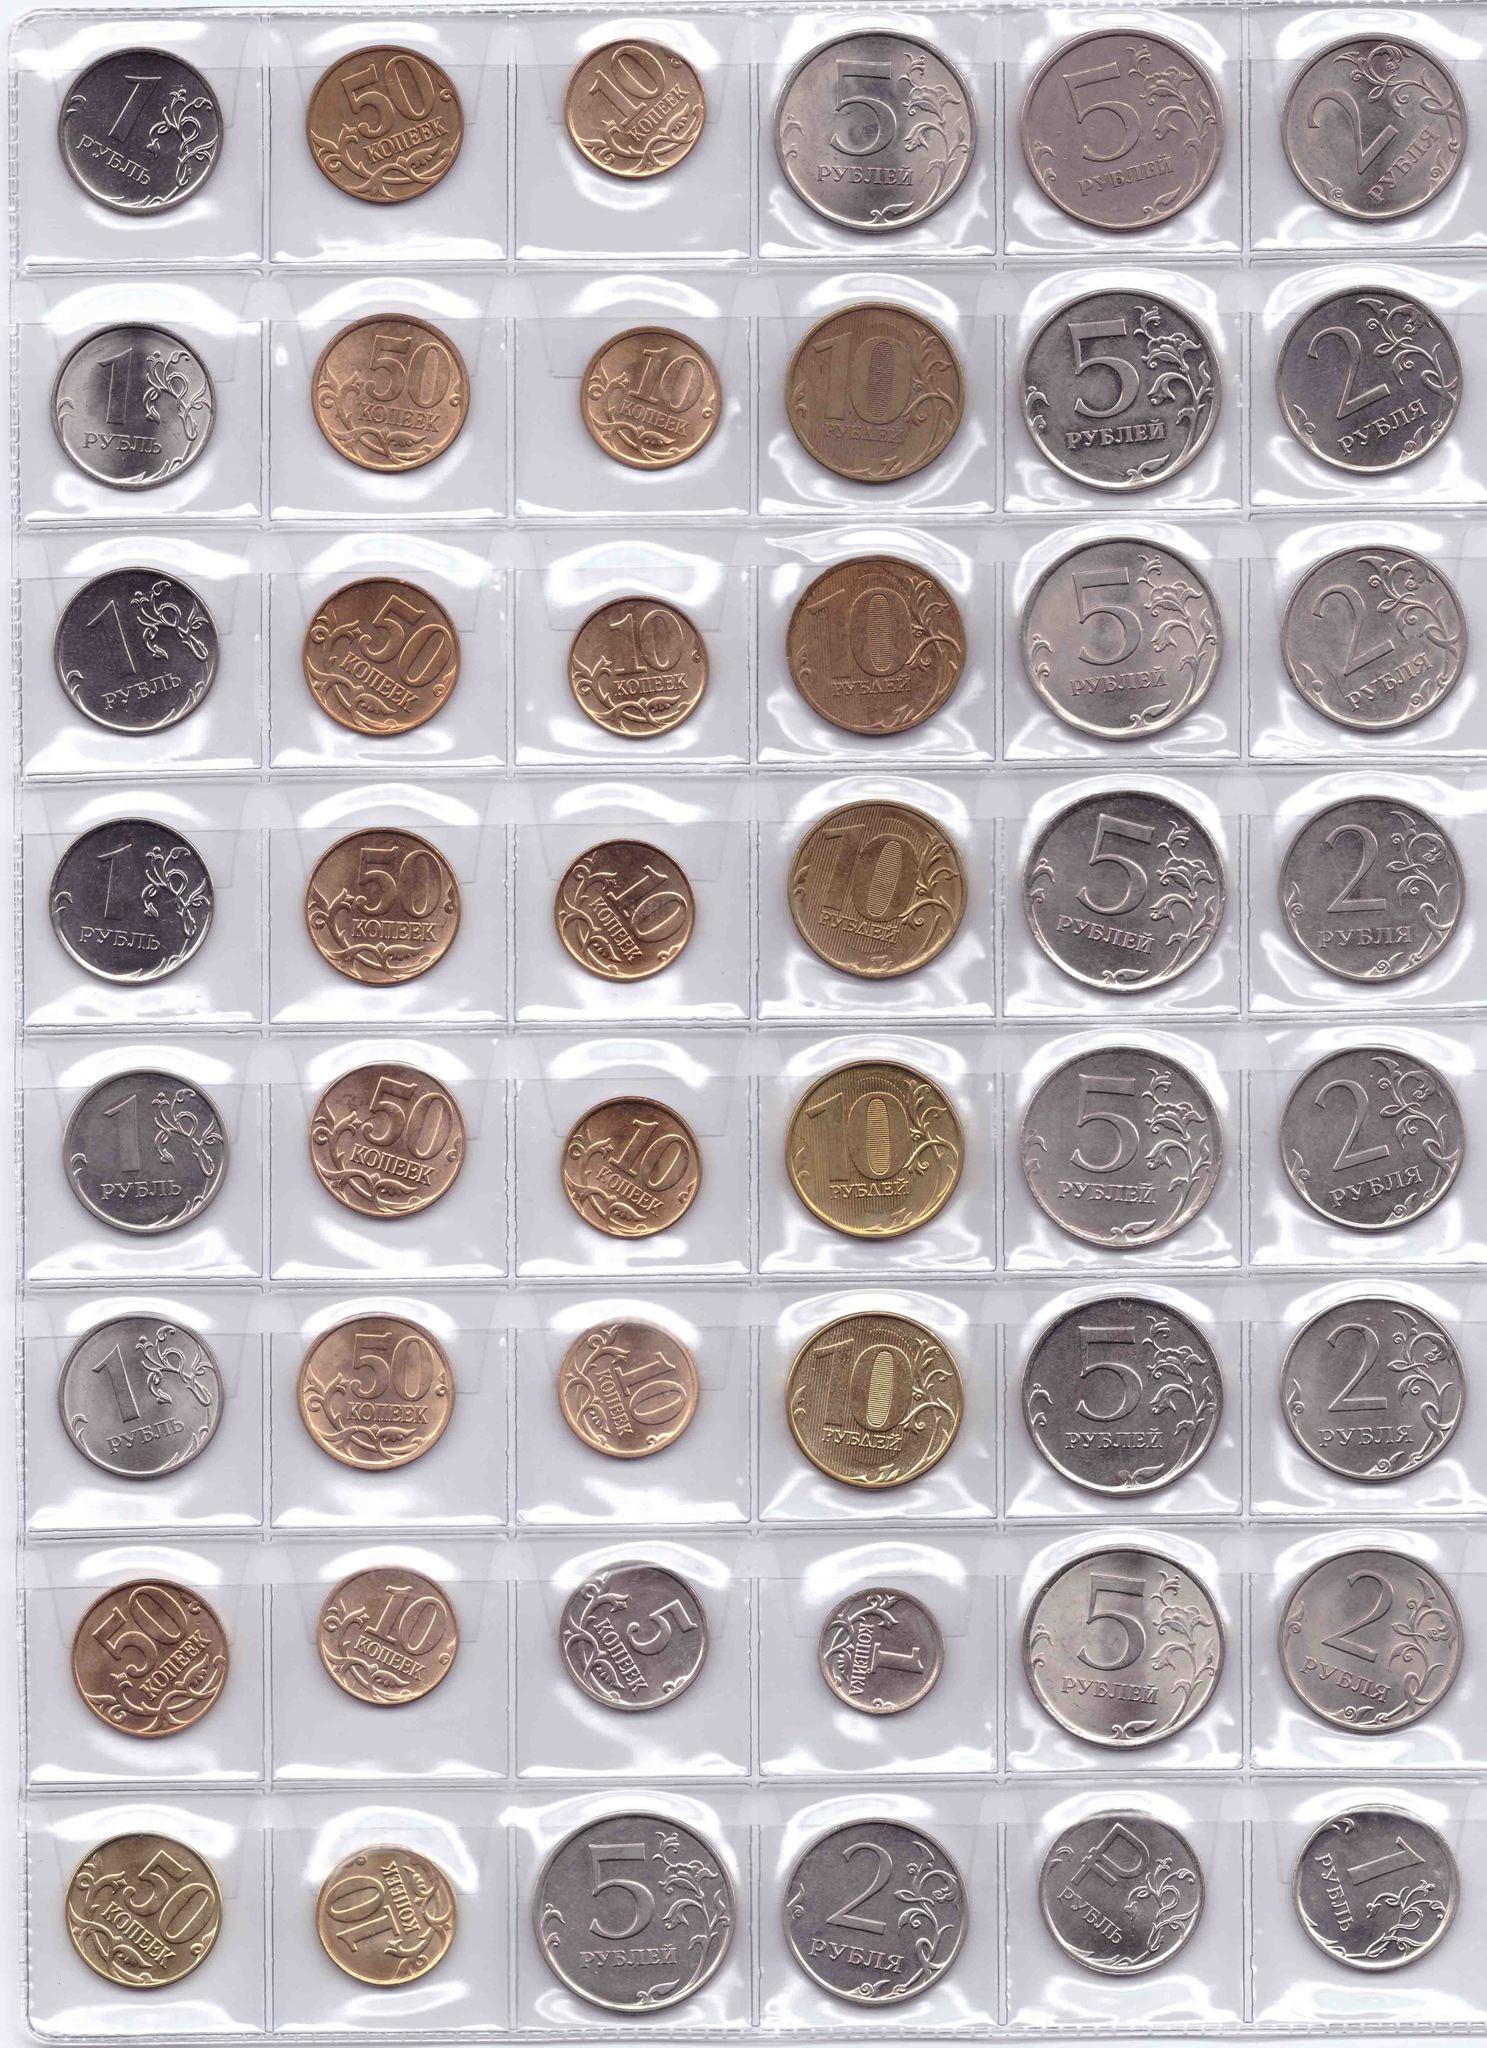 Набор из 214 регулярных монет РФ 1997-2020 гг. (без редких)